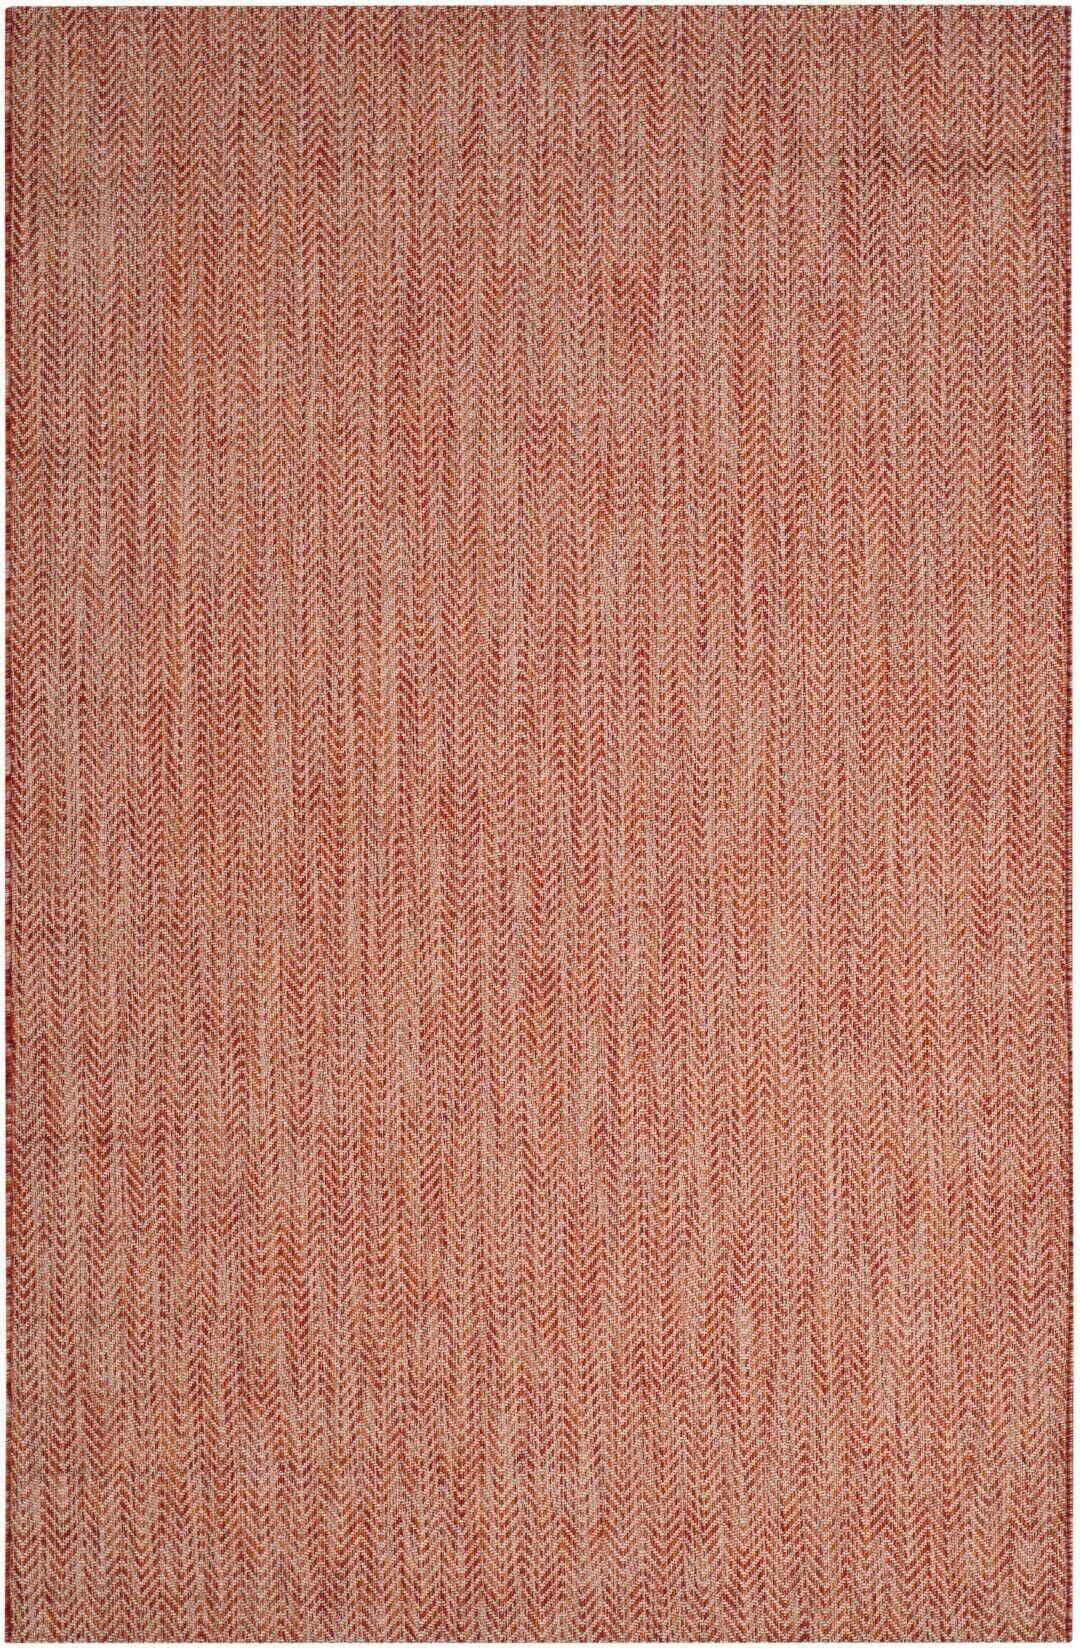 Brodie Red / Beige Indoor/Outdoor Area Rug Rug Size: Rectangle 2'3